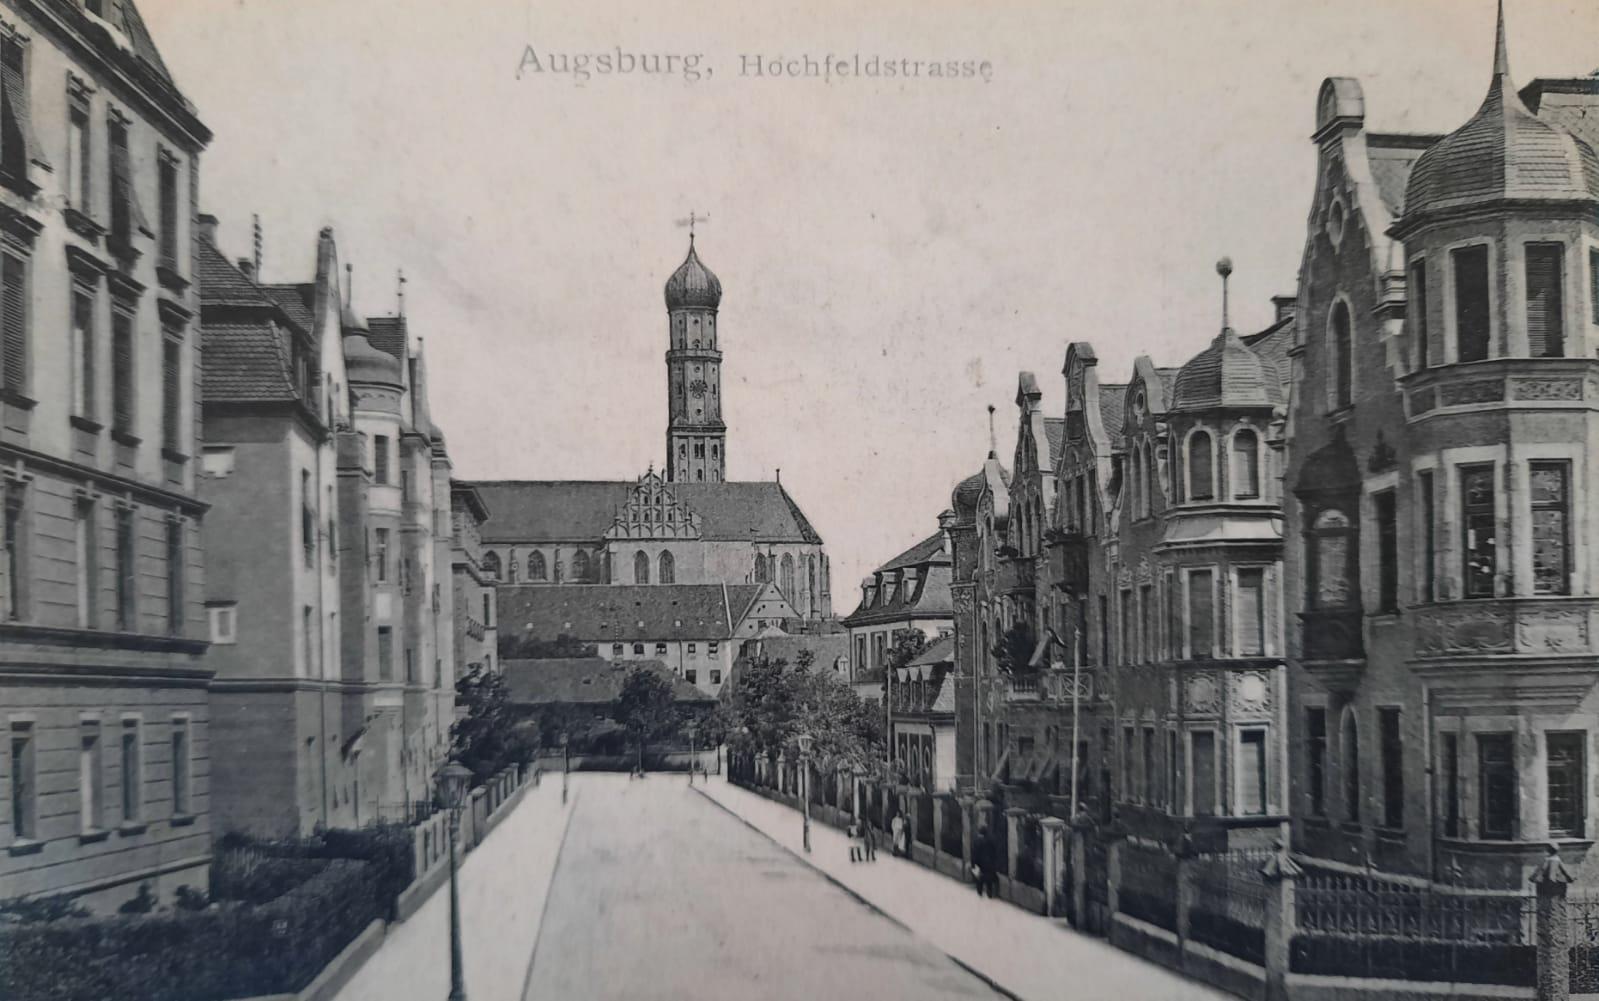 geheimtipp augsburg petition alte häuser retten 21 – ©Privatsammlung Gregor Nagler